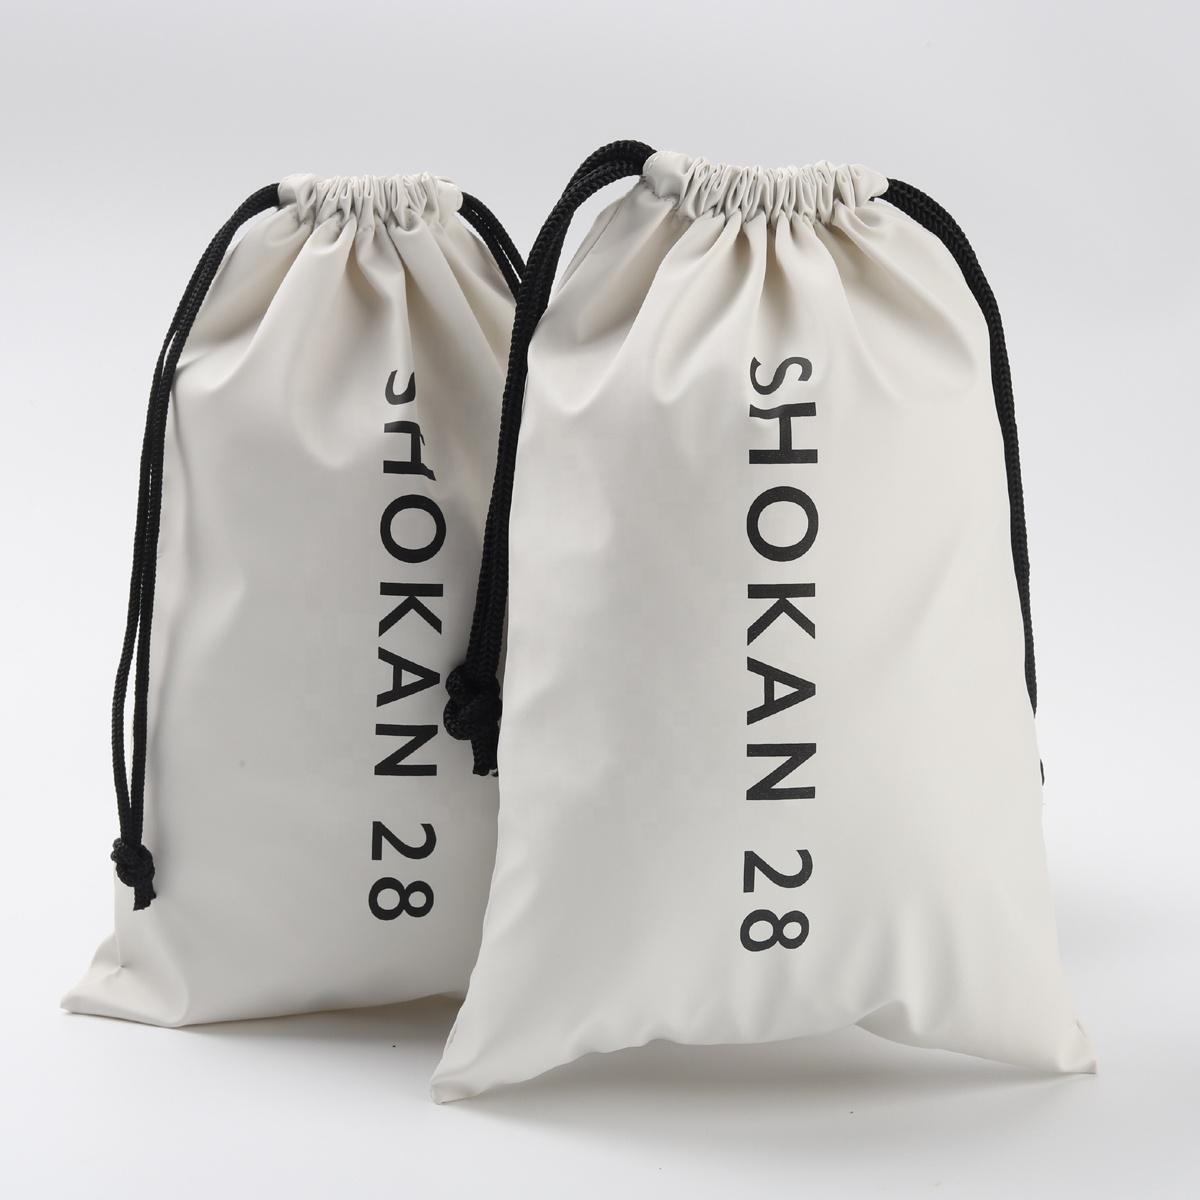 Подарочная Водонепроницаемая косметичка из искусственной кожи с логотипом на заказ, кожаная сумка на шнурке для ювелирных изделий